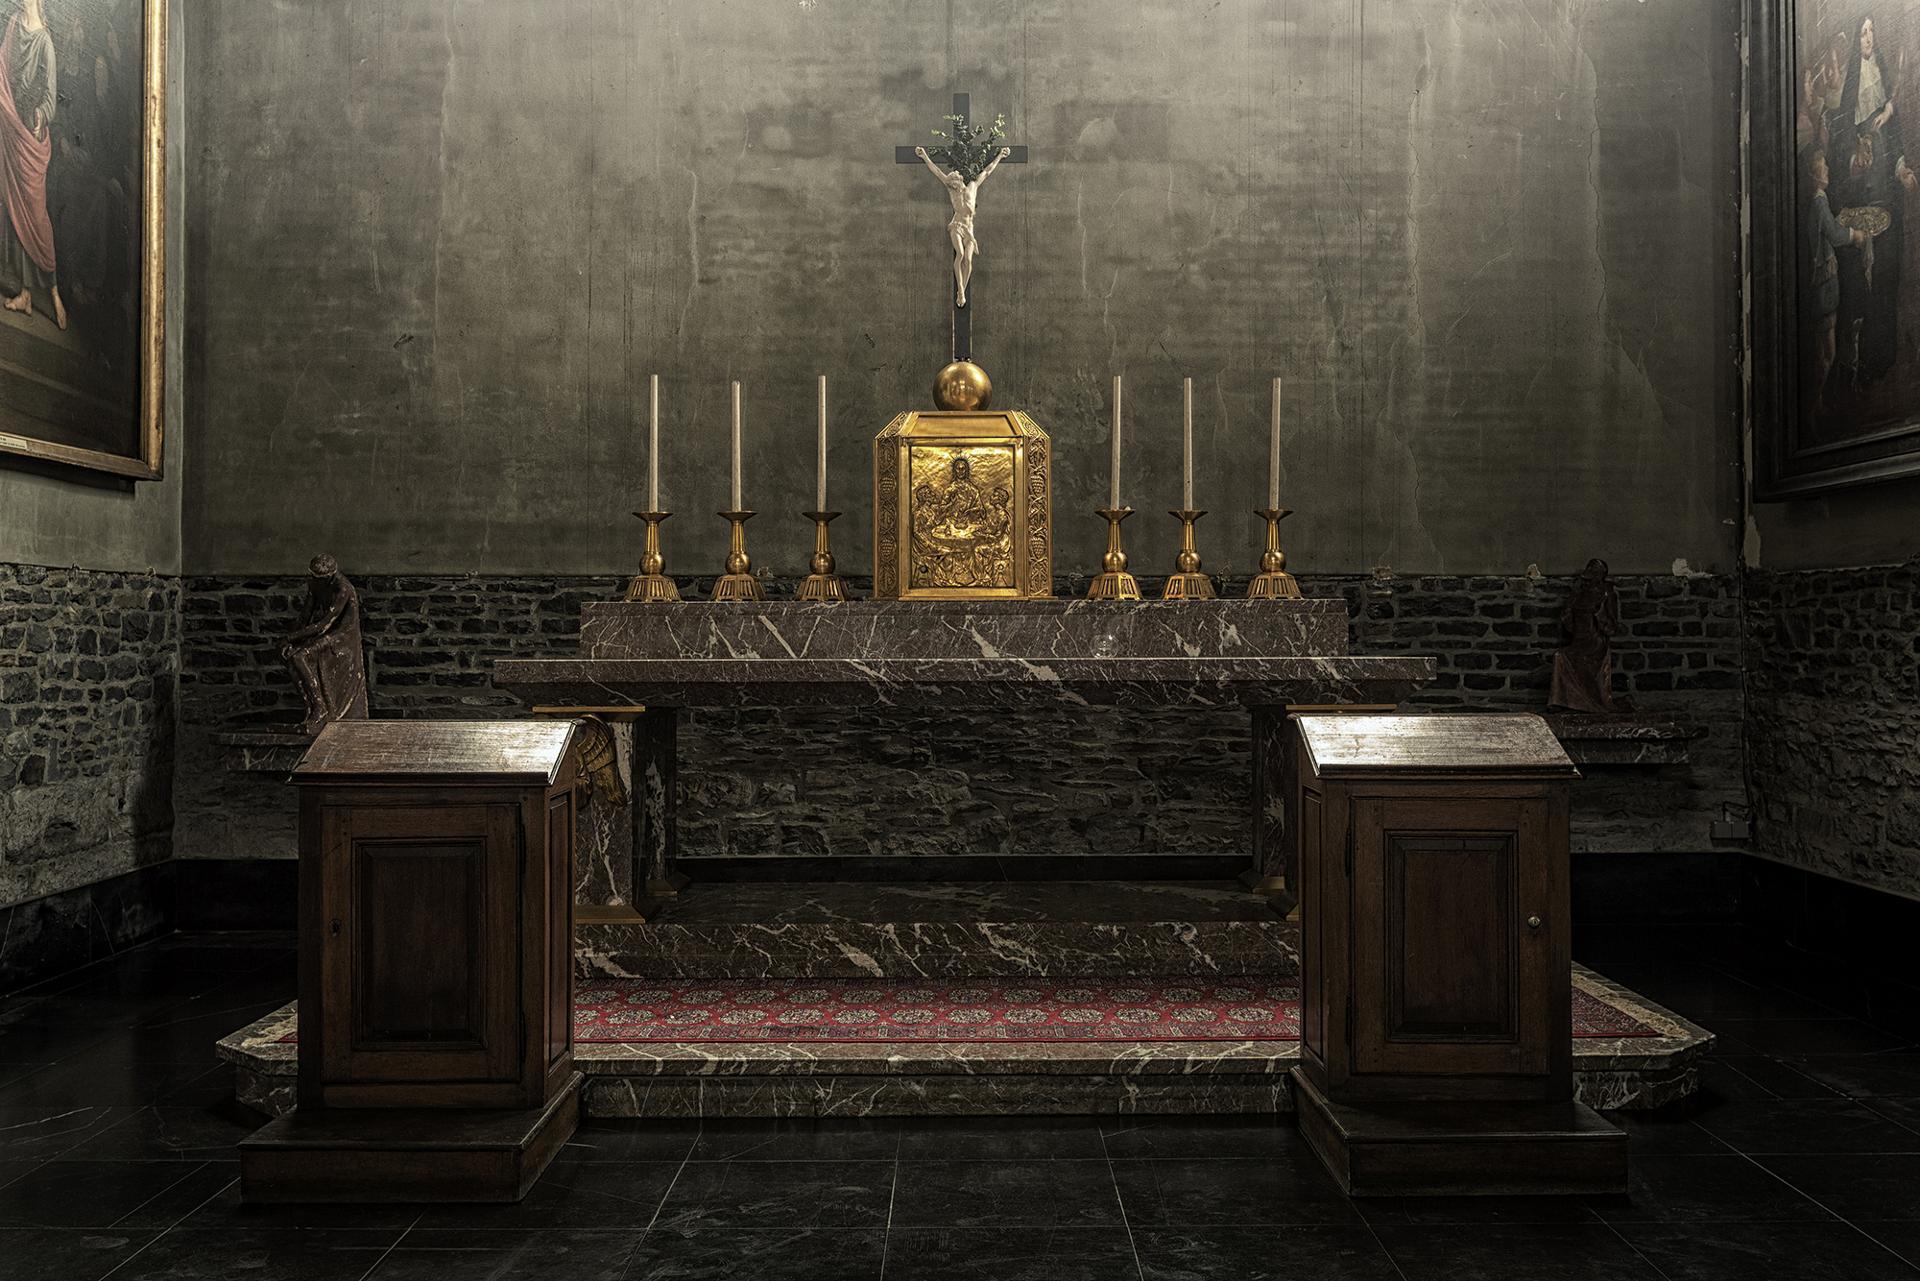 Eglises lieux de culte en perdition (7).jpg